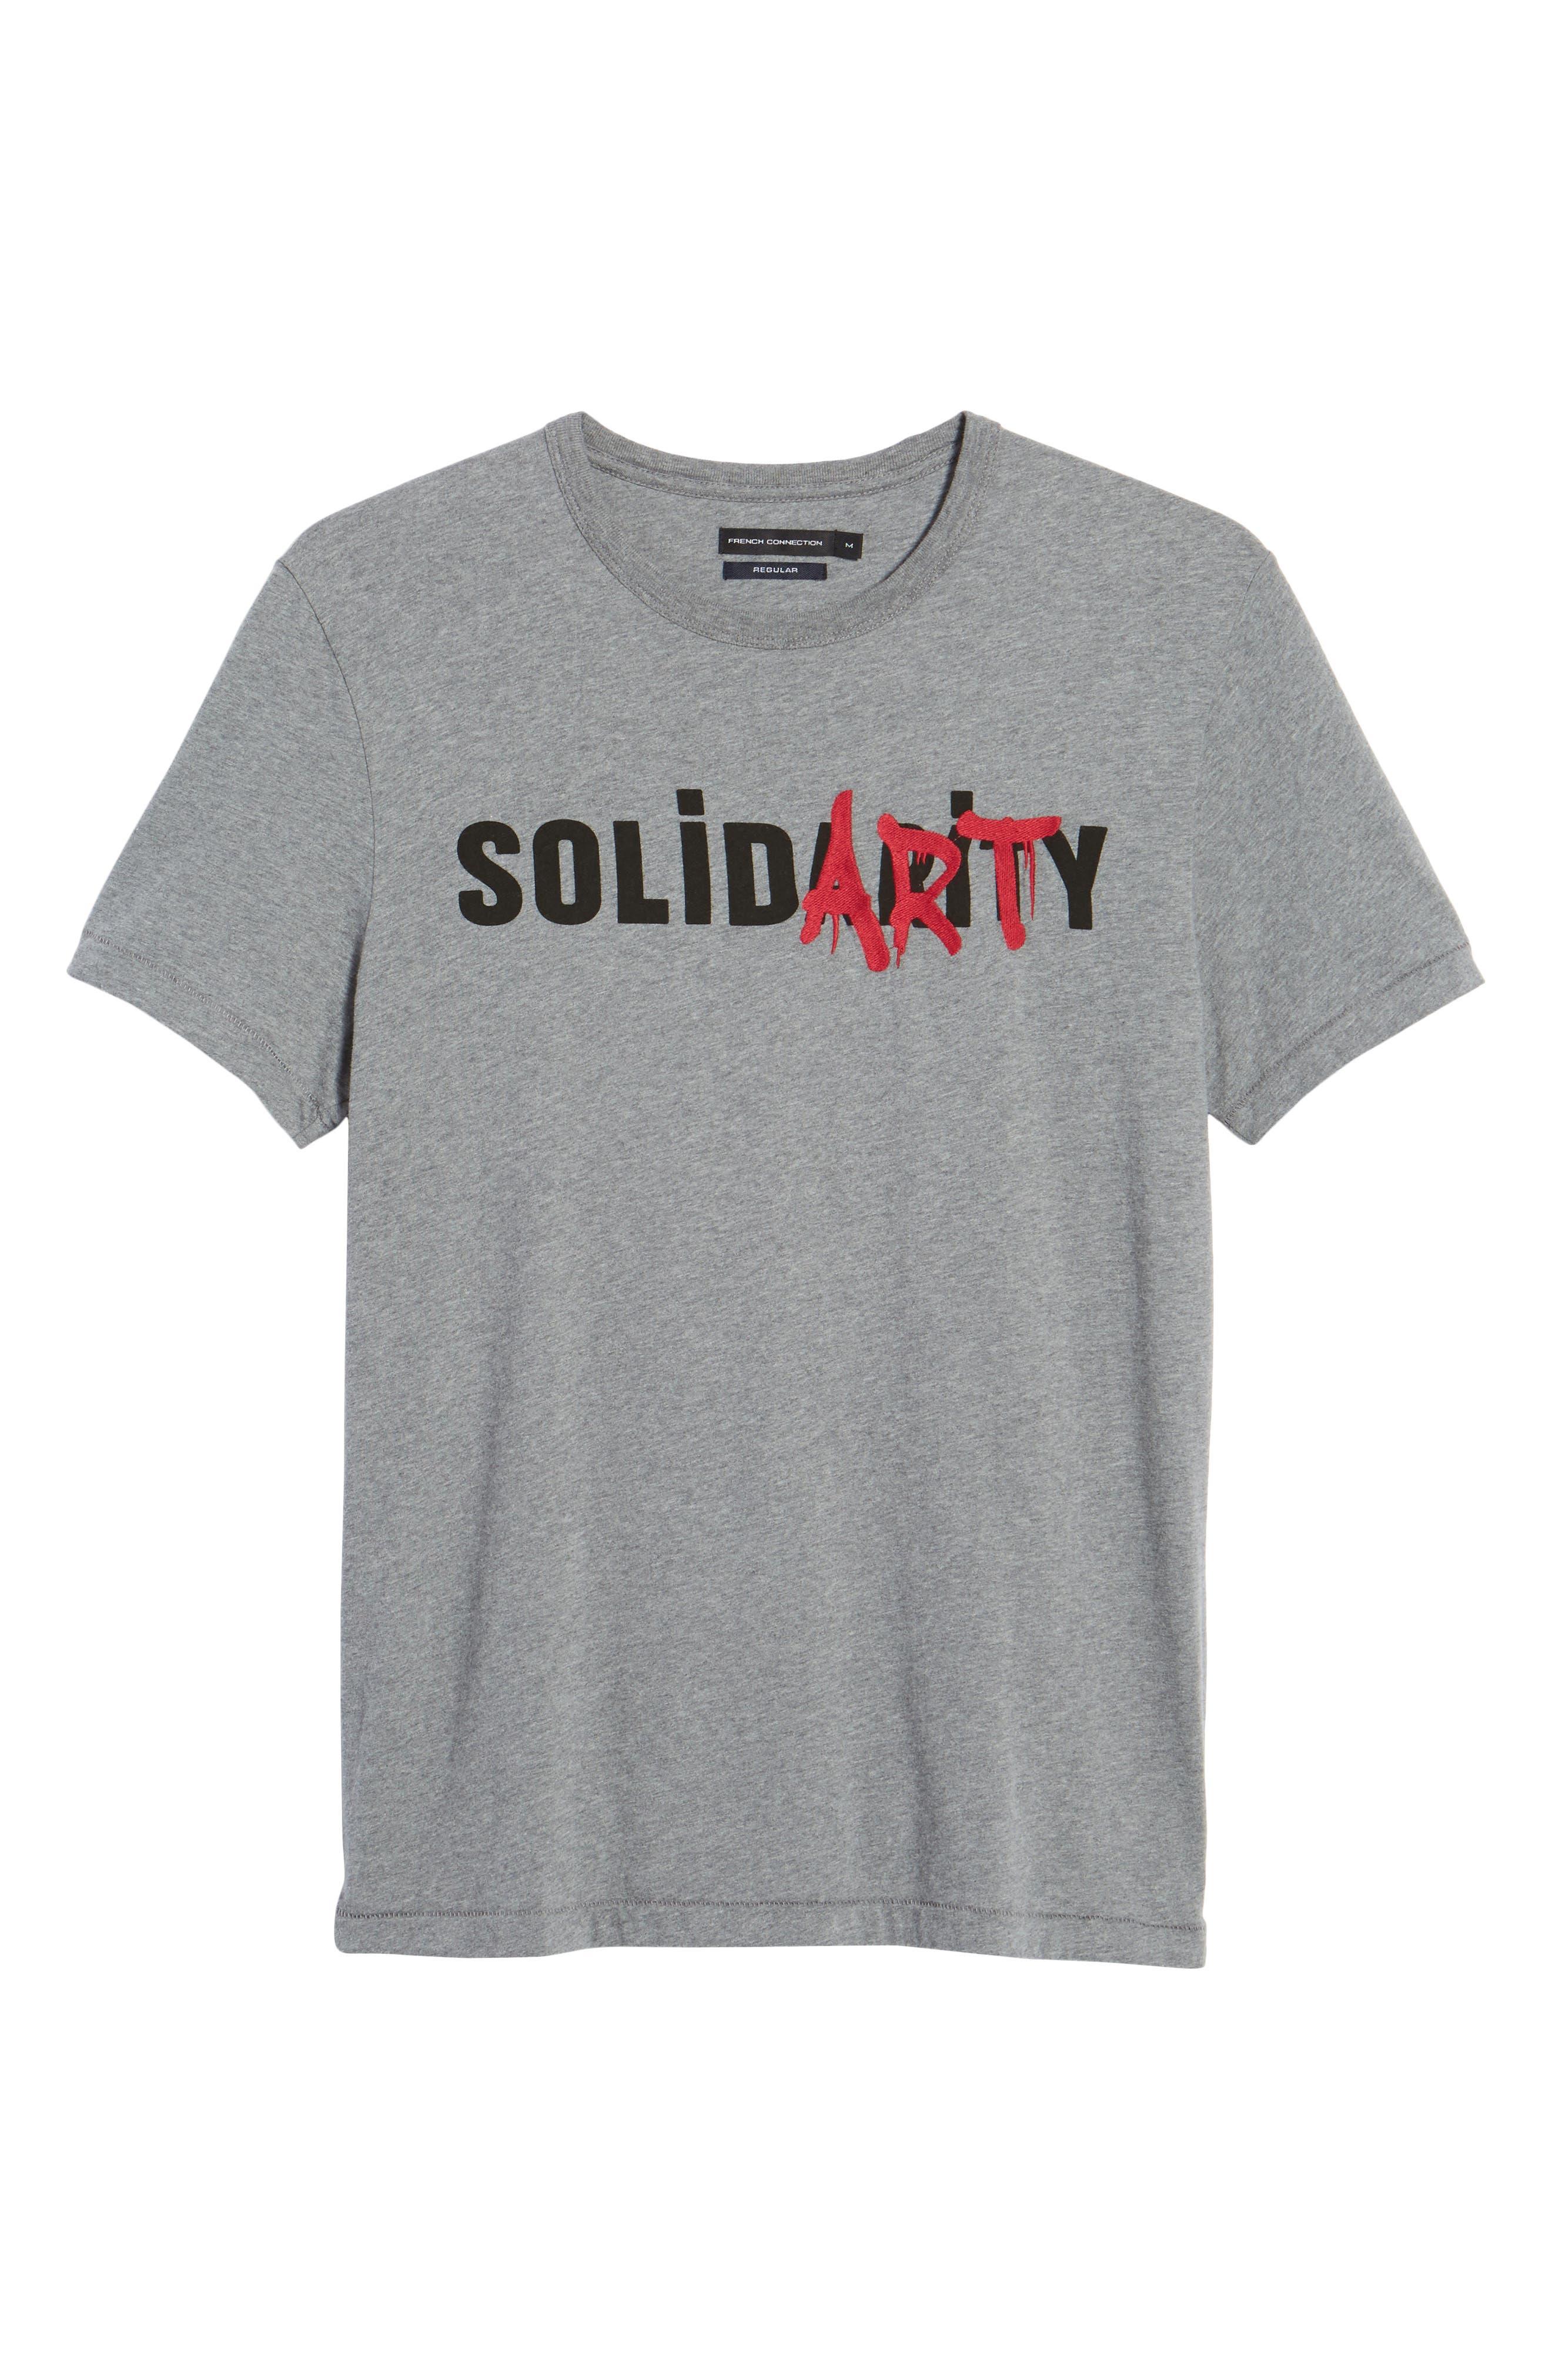 Solidarity Slim Fit Crewneck T-Shirt,                             Alternate thumbnail 6, color,                             031